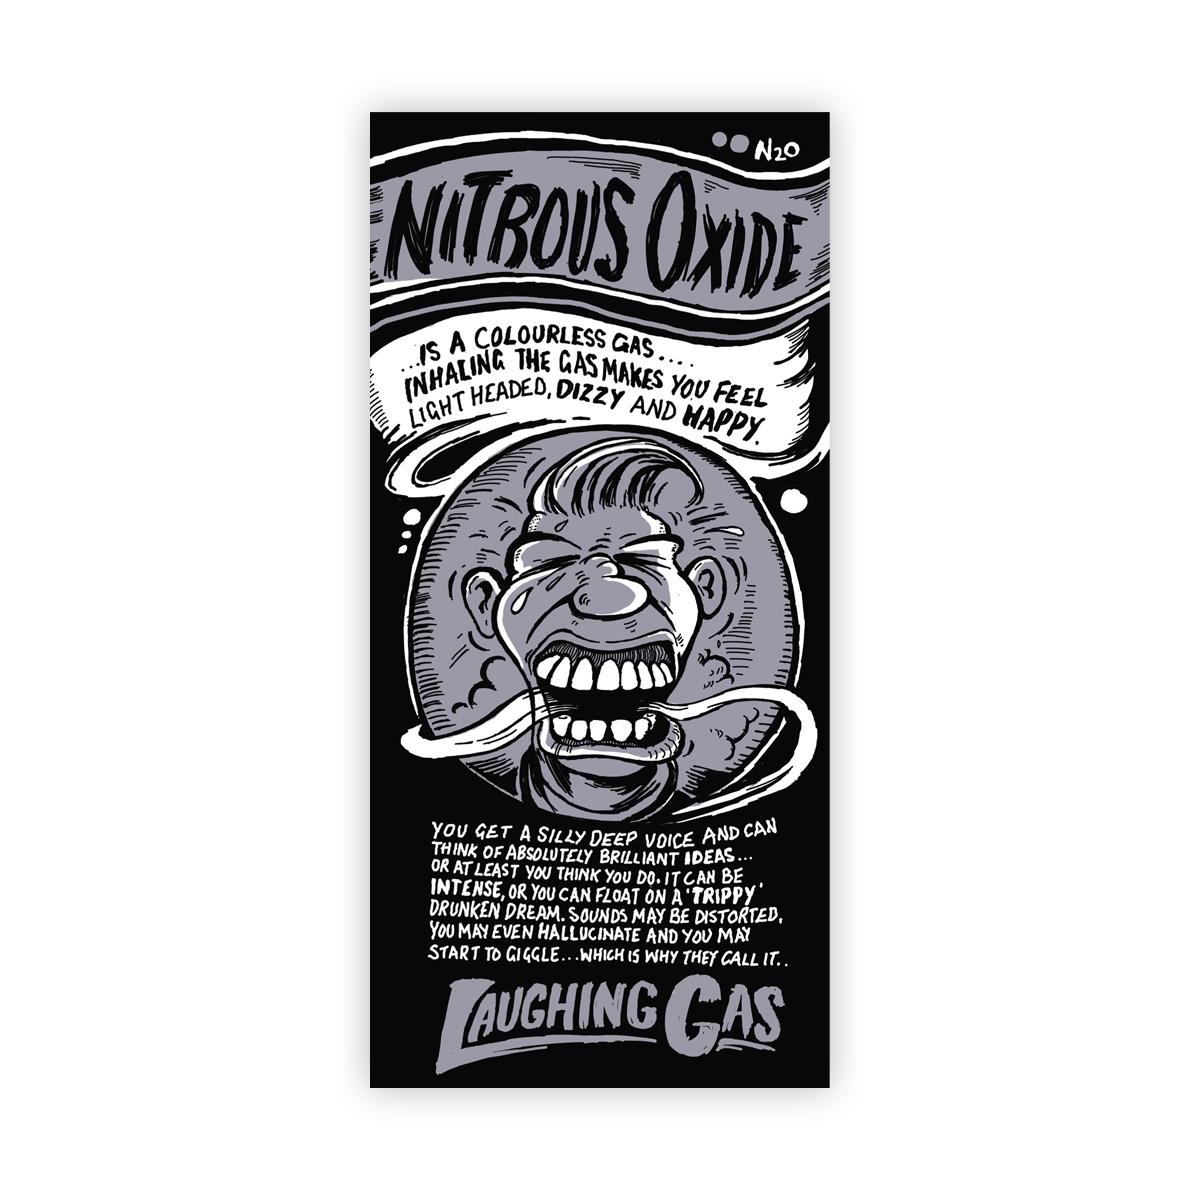 nitrous oxide leaflet. Black Bedroom Furniture Sets. Home Design Ideas